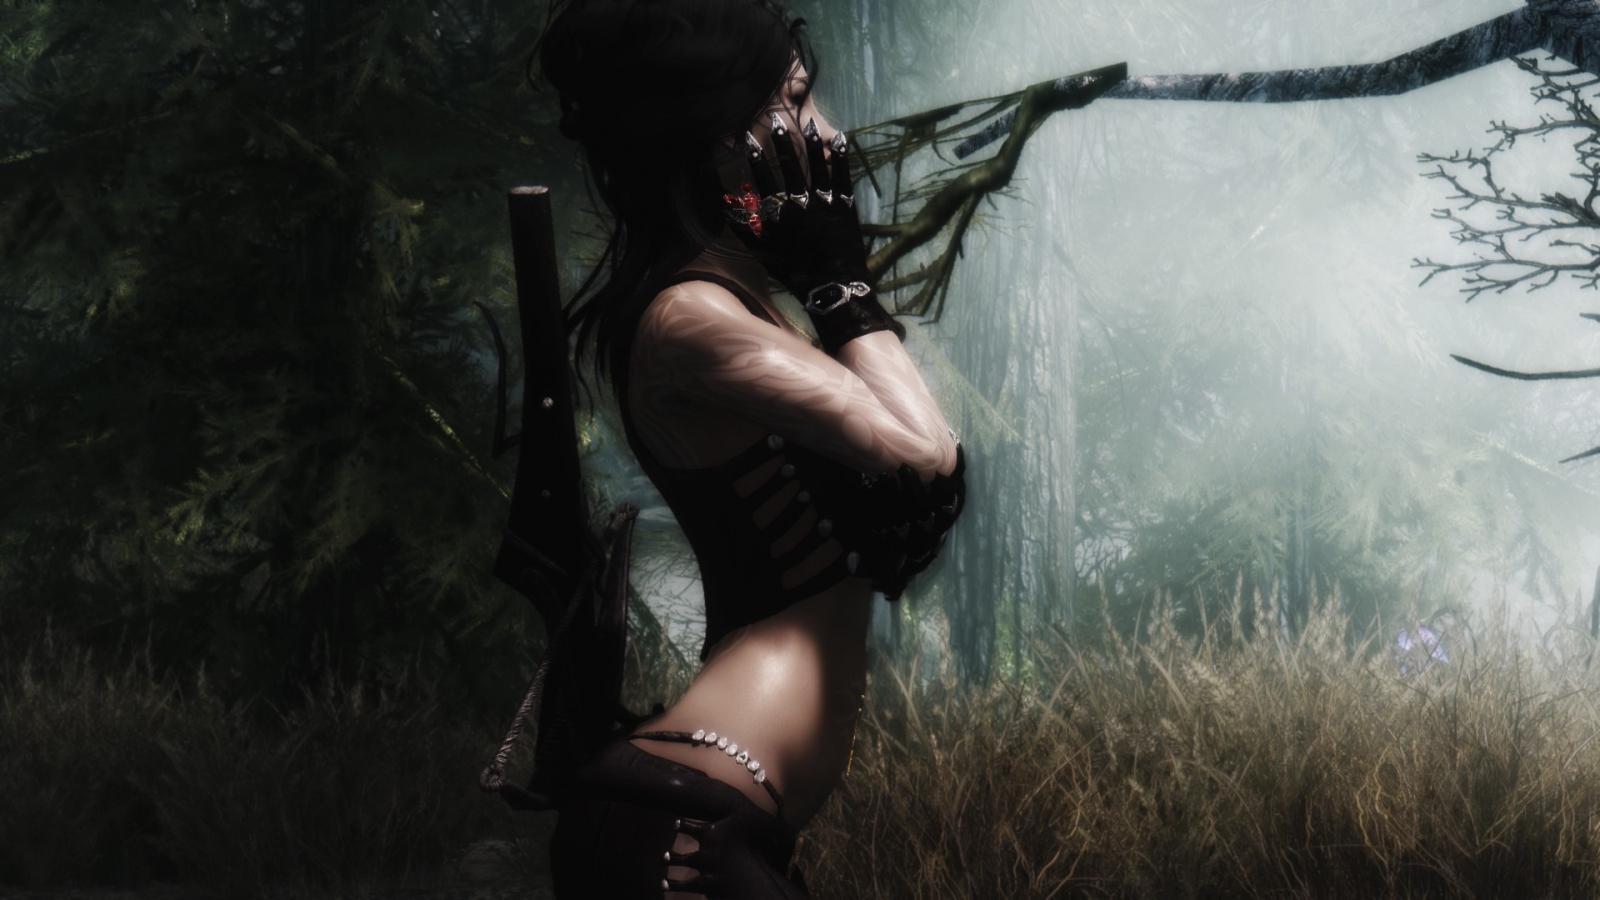 Улучшенная версия Skyrim для PC подвела любителей модов